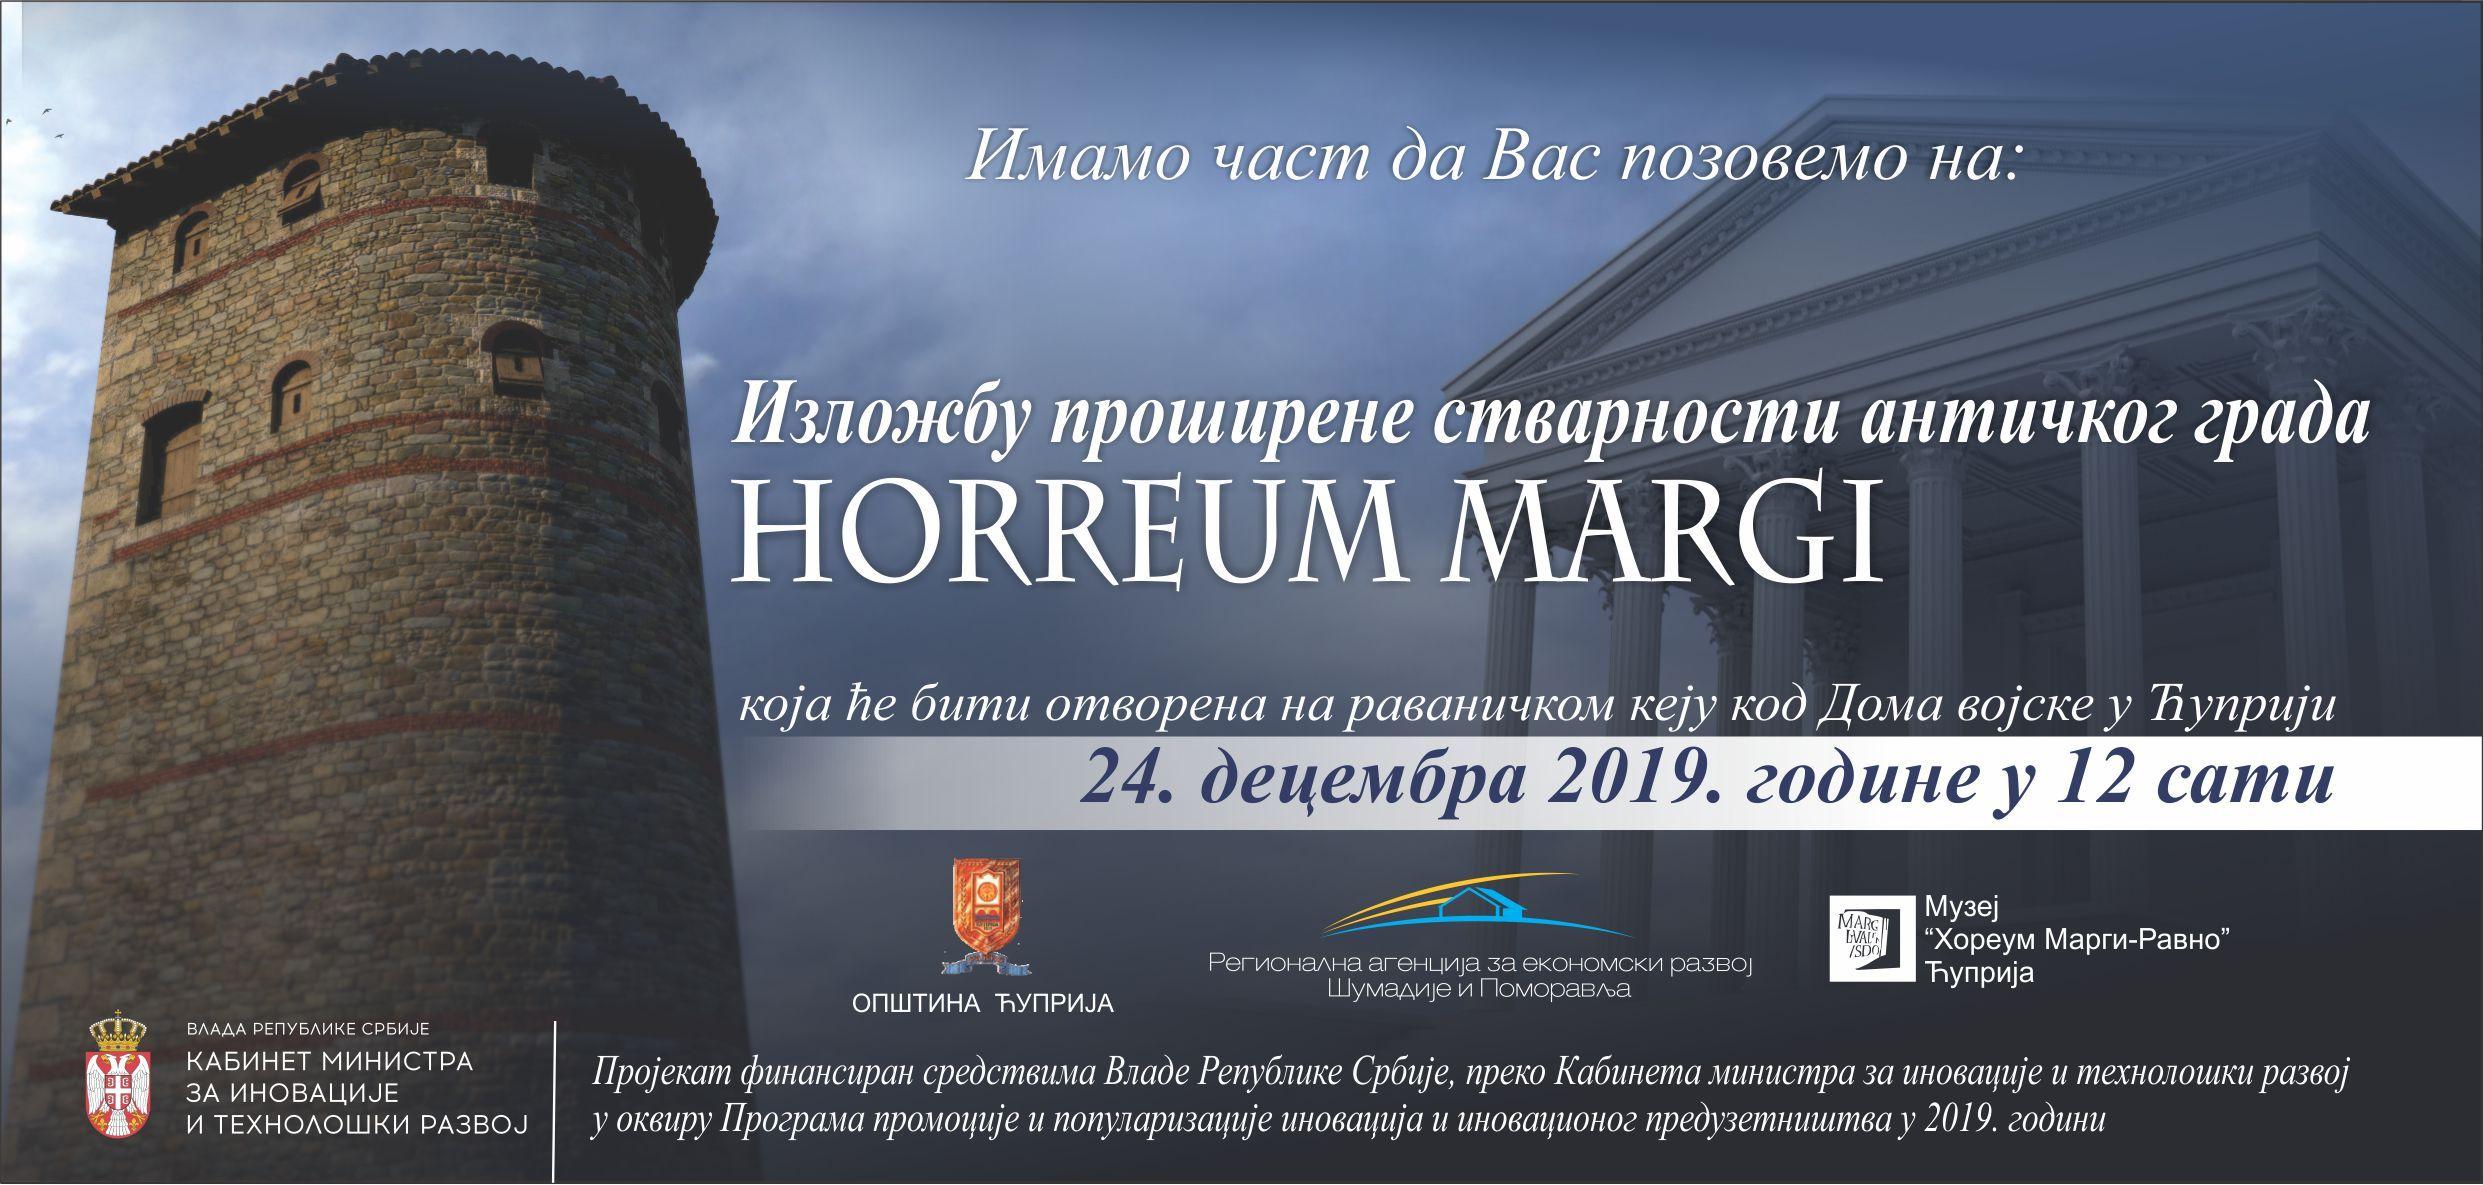 Horreum Margi pozivnica za izložbu